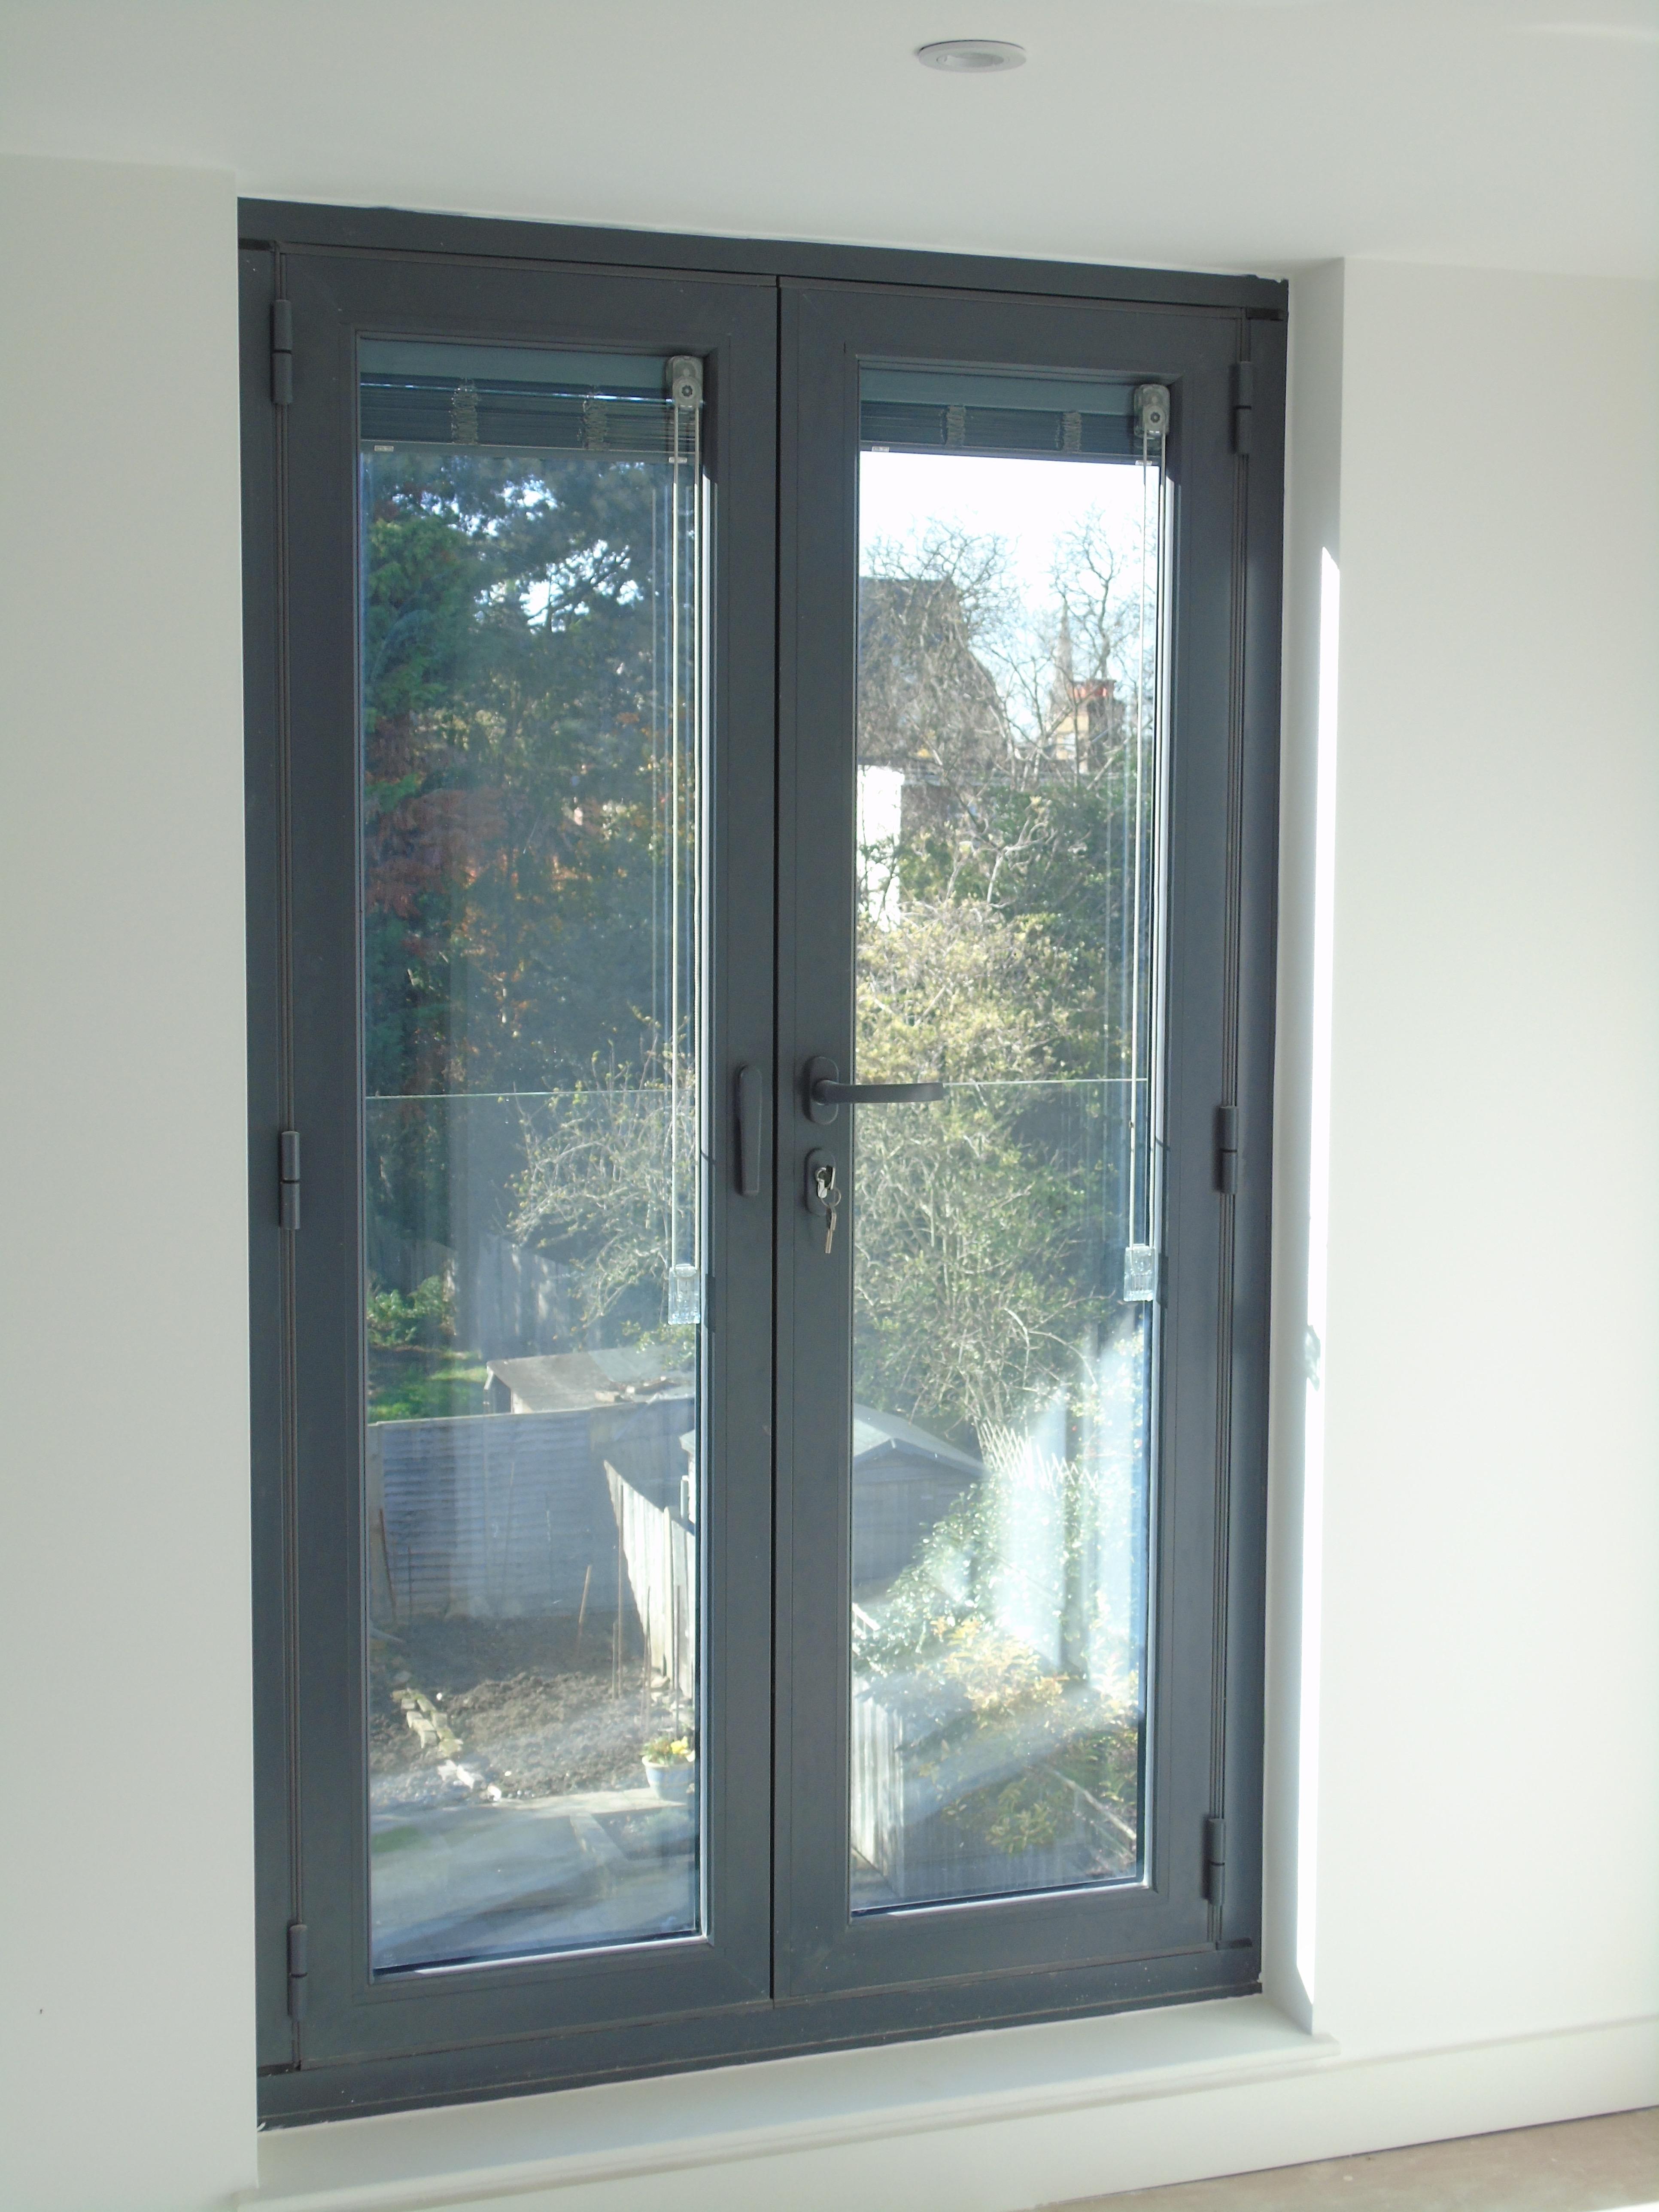 Bedroom With Sliding Glass Door